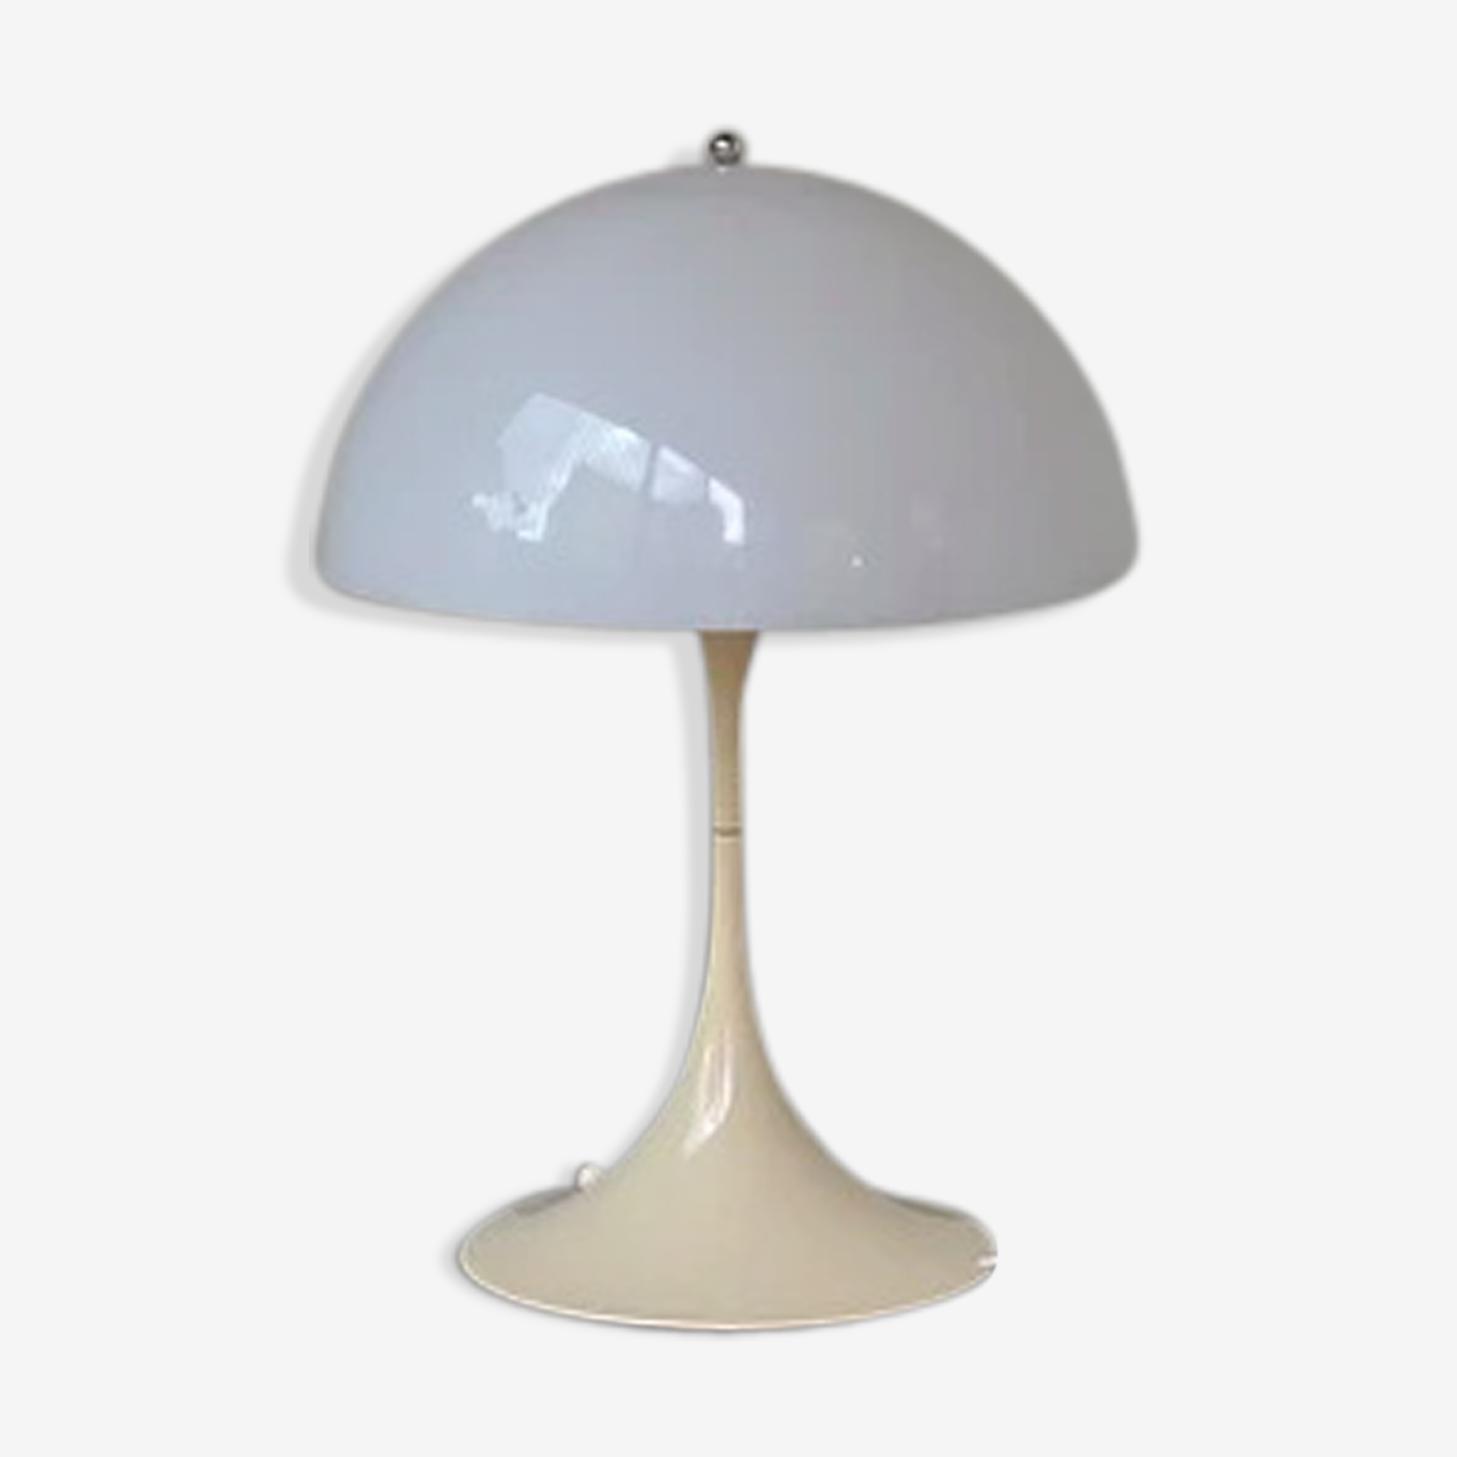 Lampe de table Verner Panton - Panthella